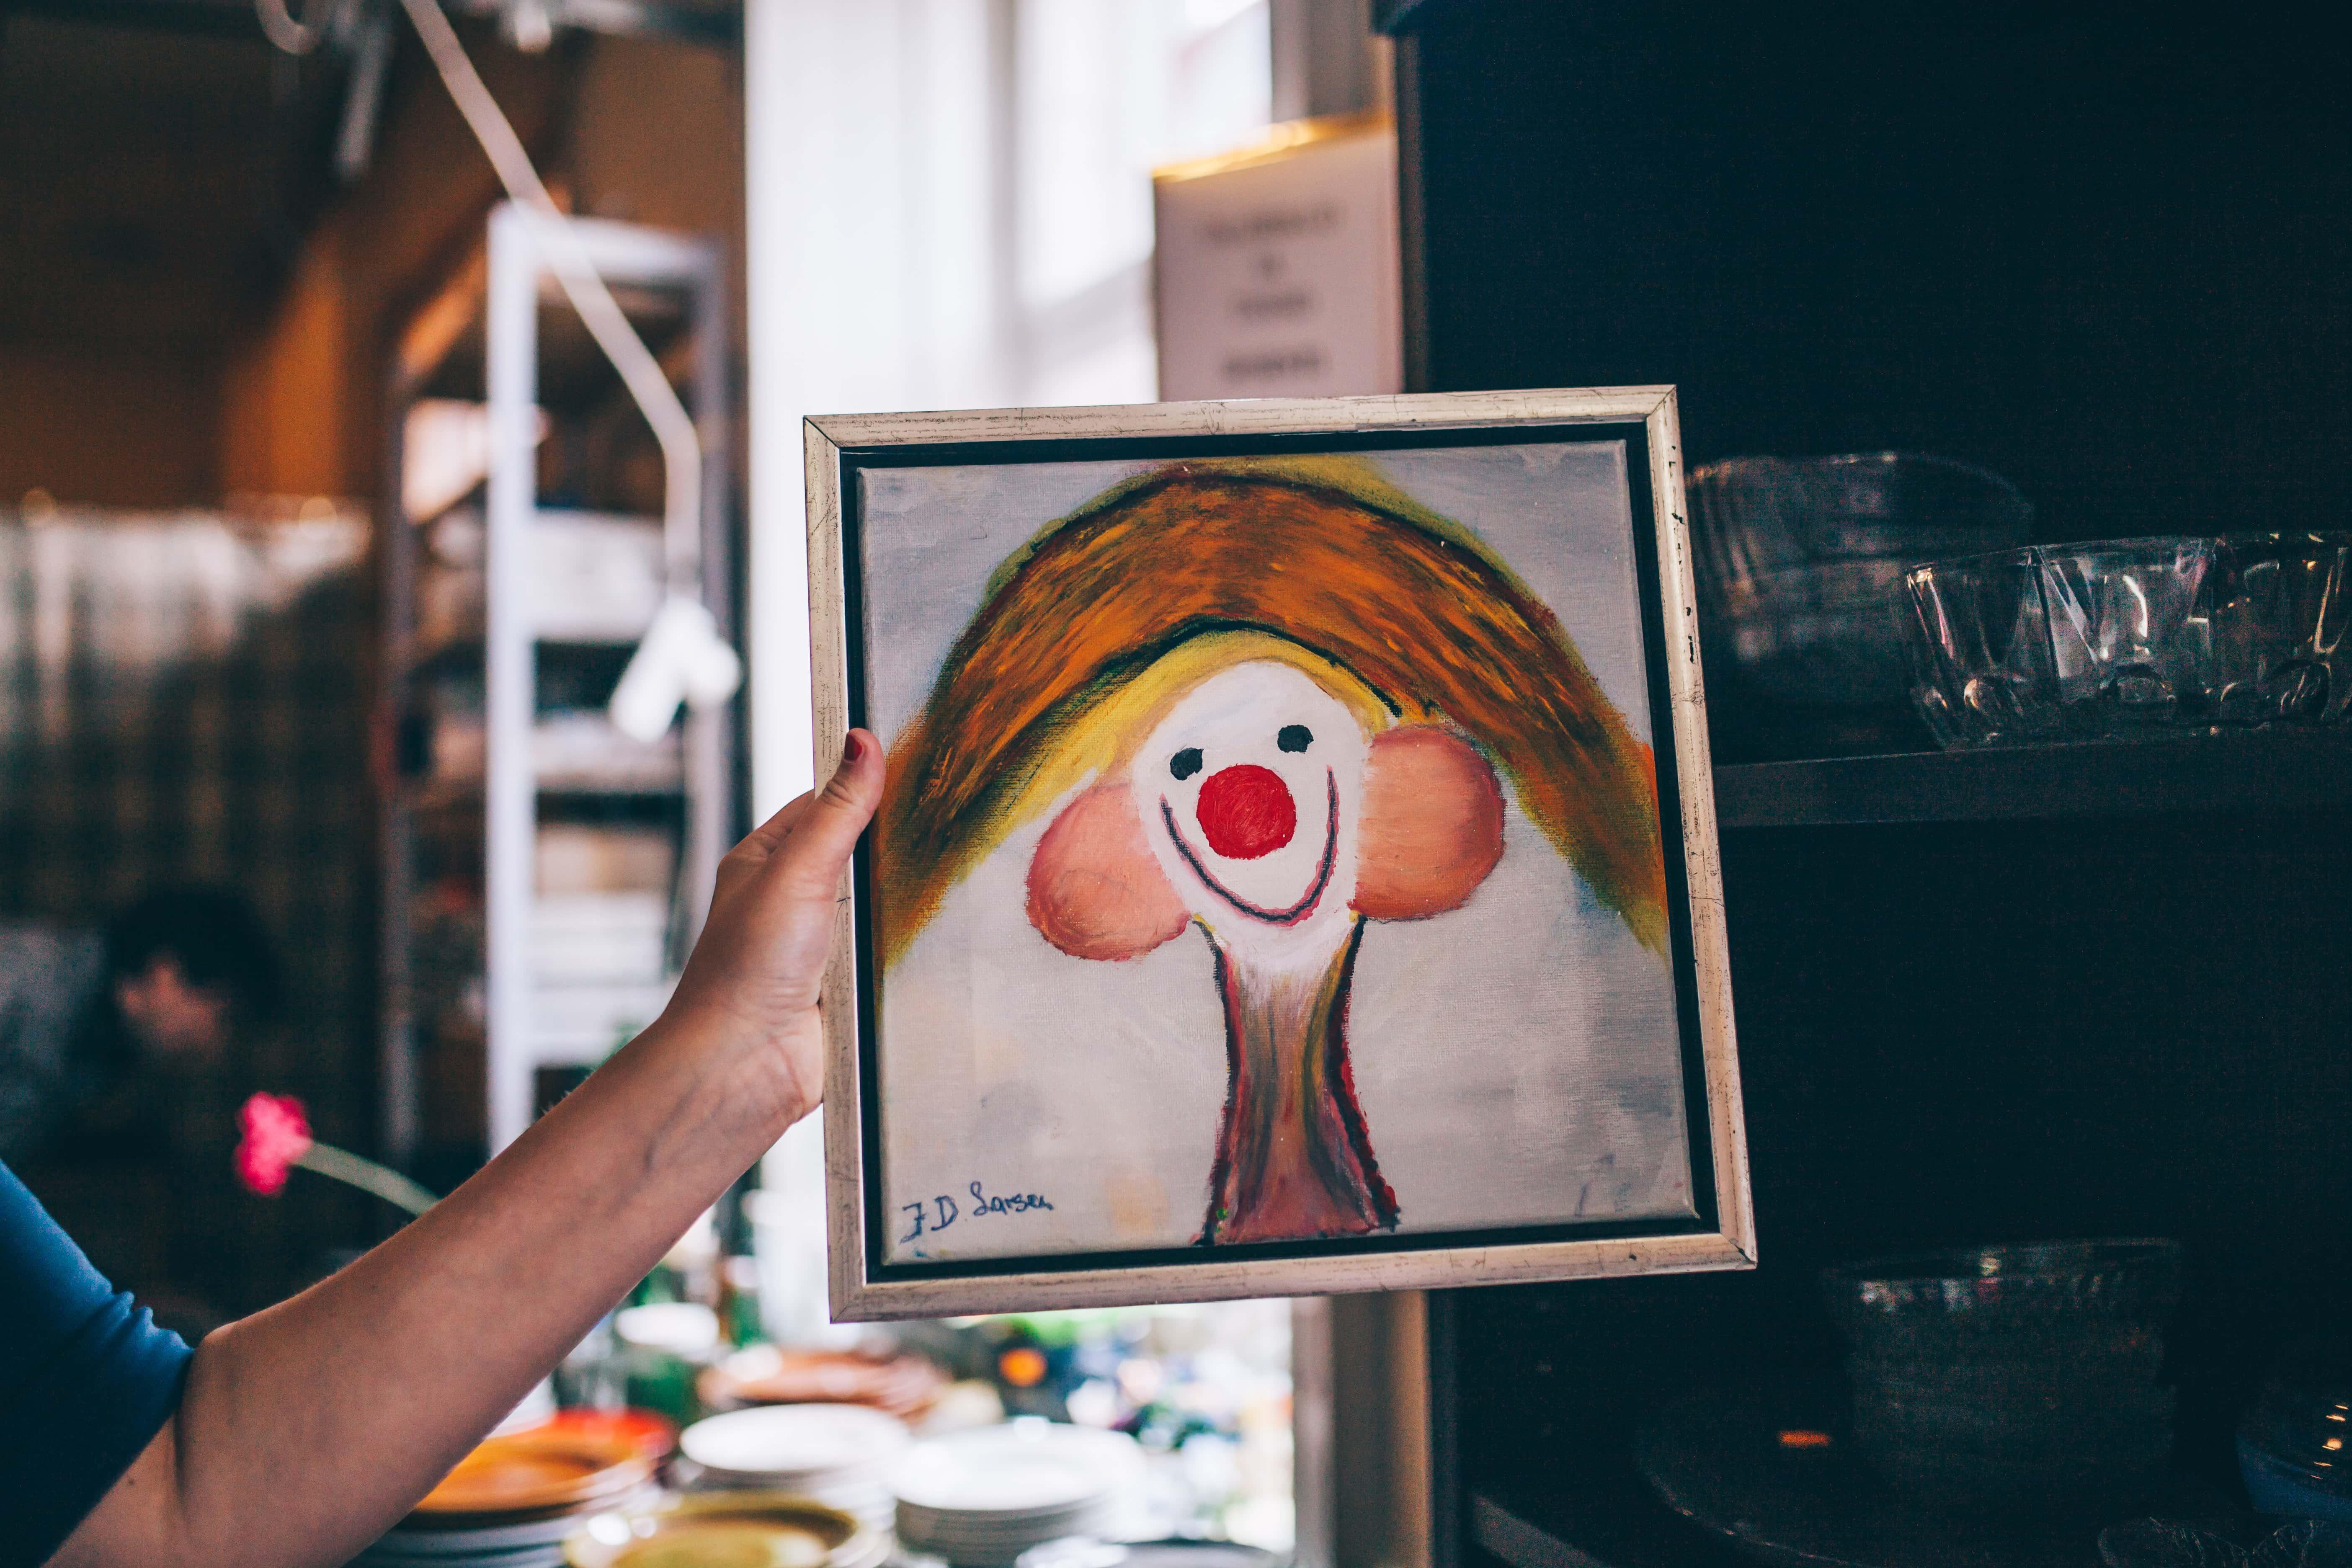 Hästi õnnestunud portreemaal kunstnik Larsenilt.